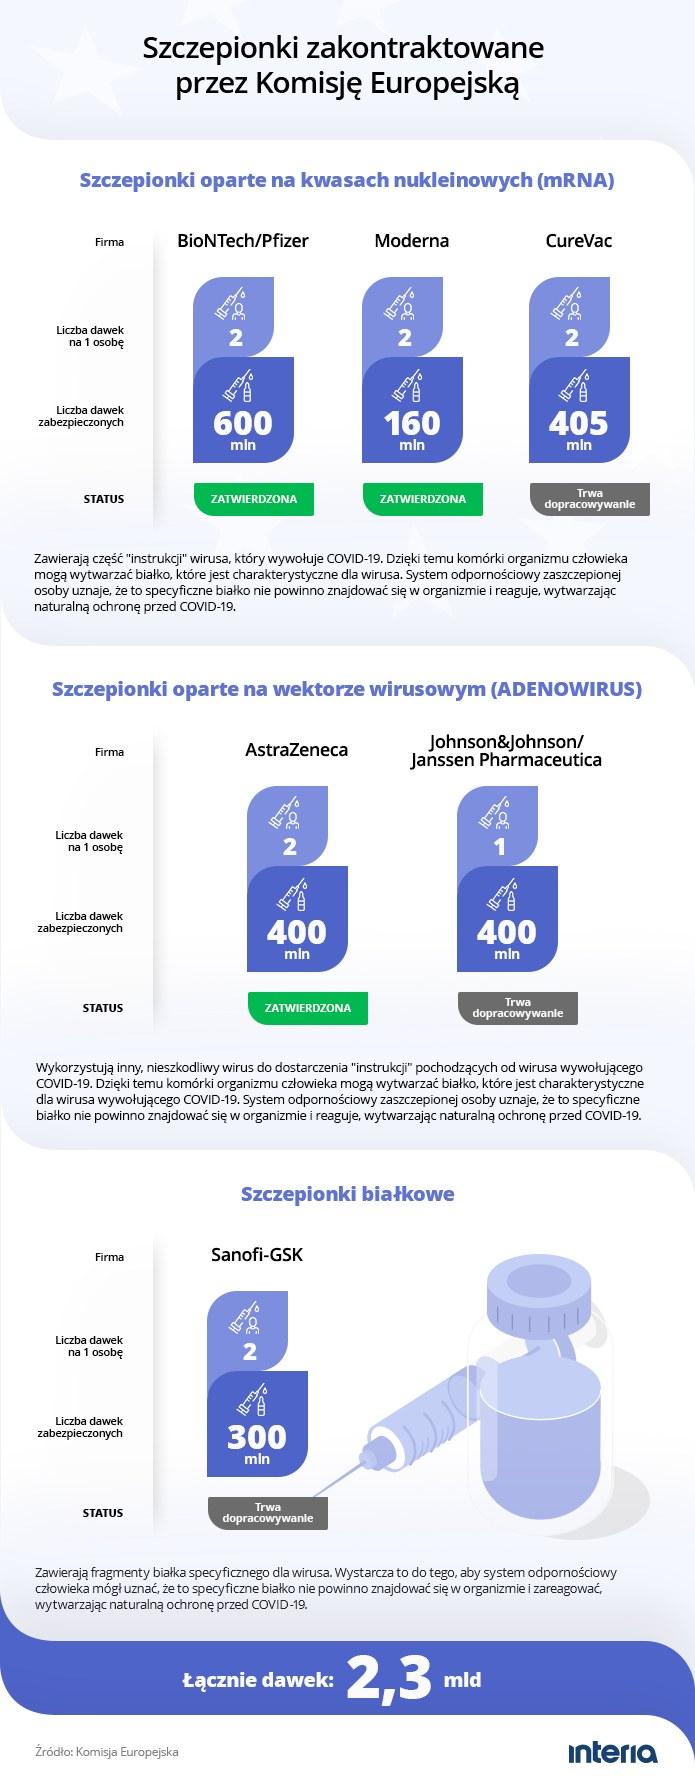 Szczepionki zakontraktowane przez Komisję Europejską - szczegóły /INTERIA.PL